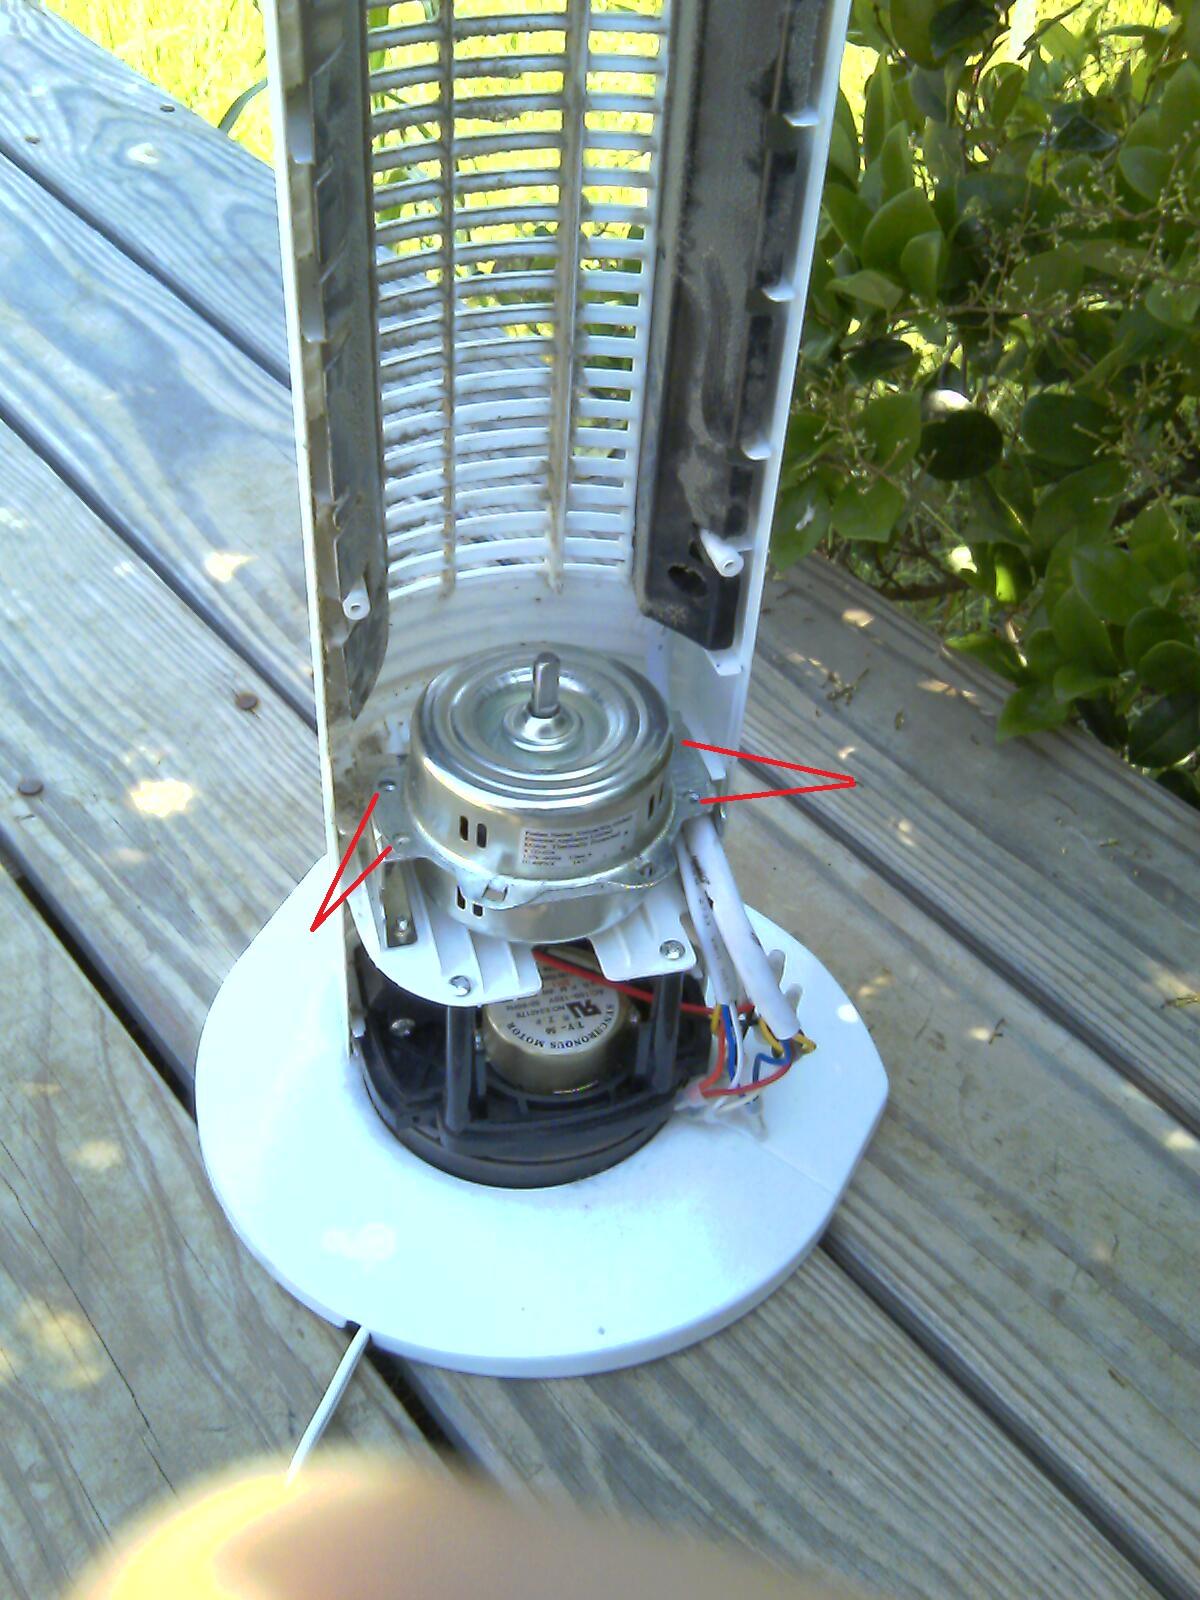 hight resolution of oscillating tower fan motor wiring diagram fan motor parts 3 speed fan motor wiring 4 wire